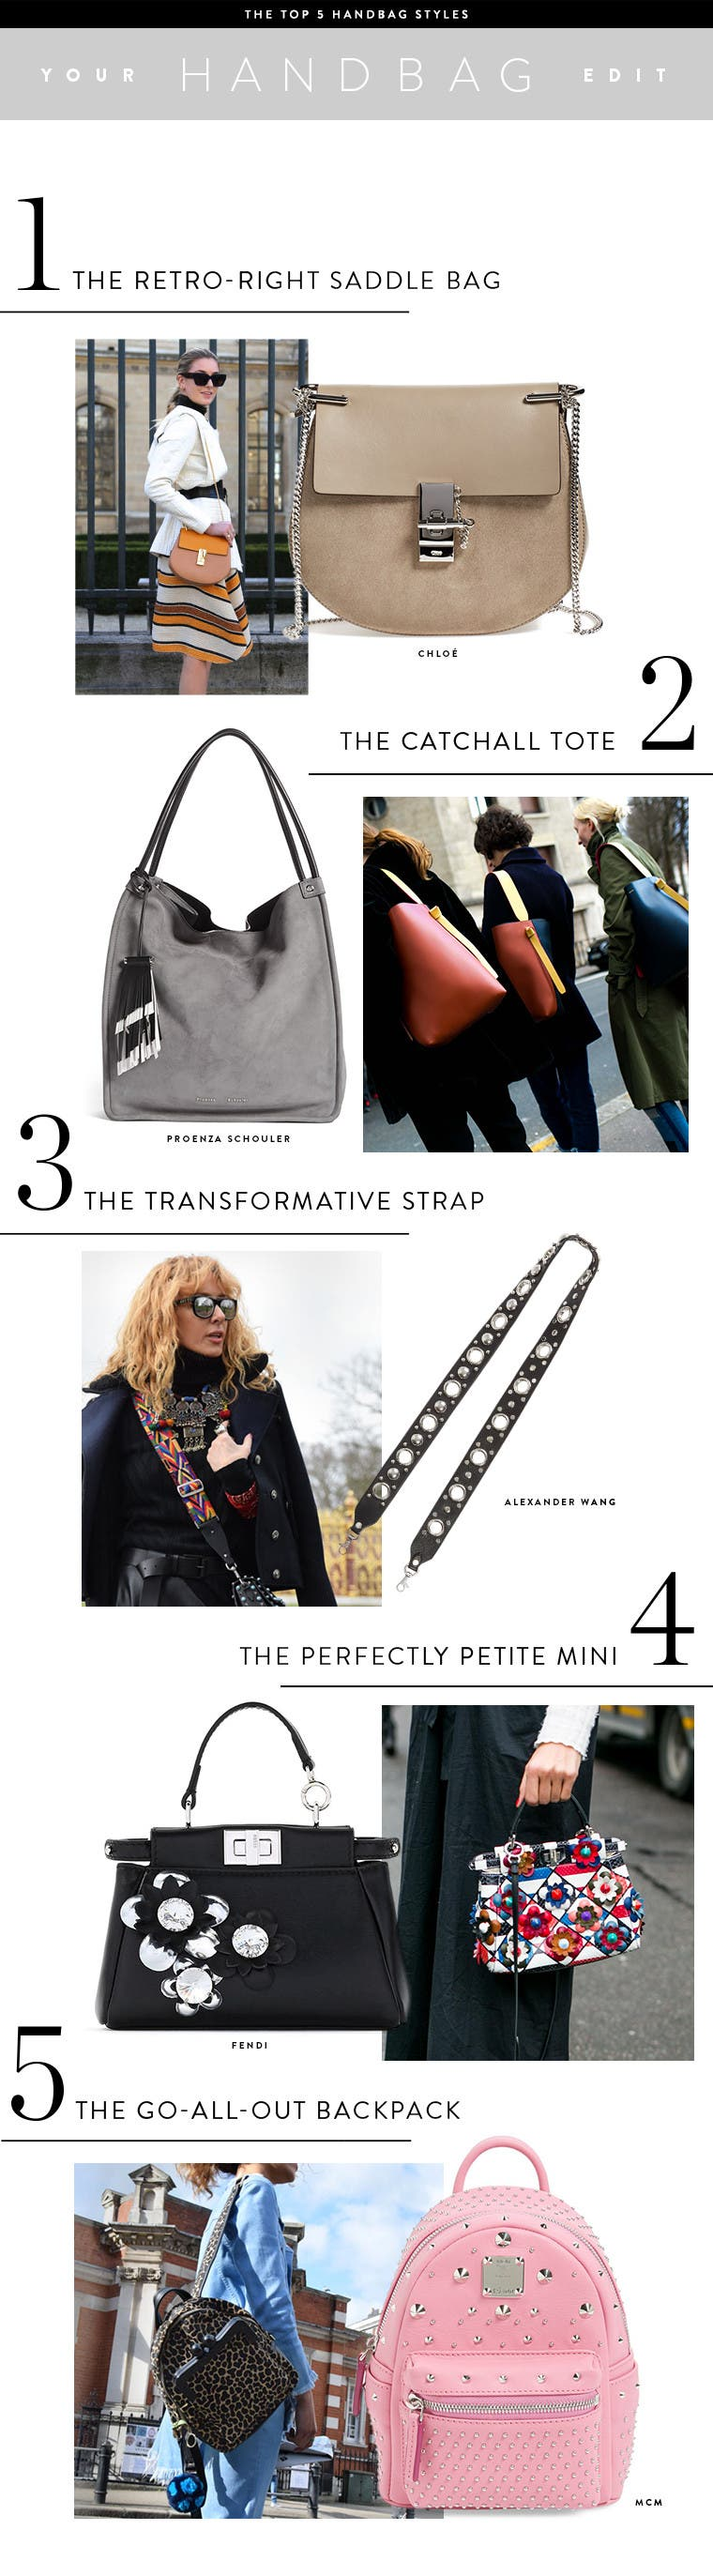 Designer handbag edit. Top 5 styles: retro-right saddle bag, catchall tote, transformative straps, mini bag, embellished backpack.